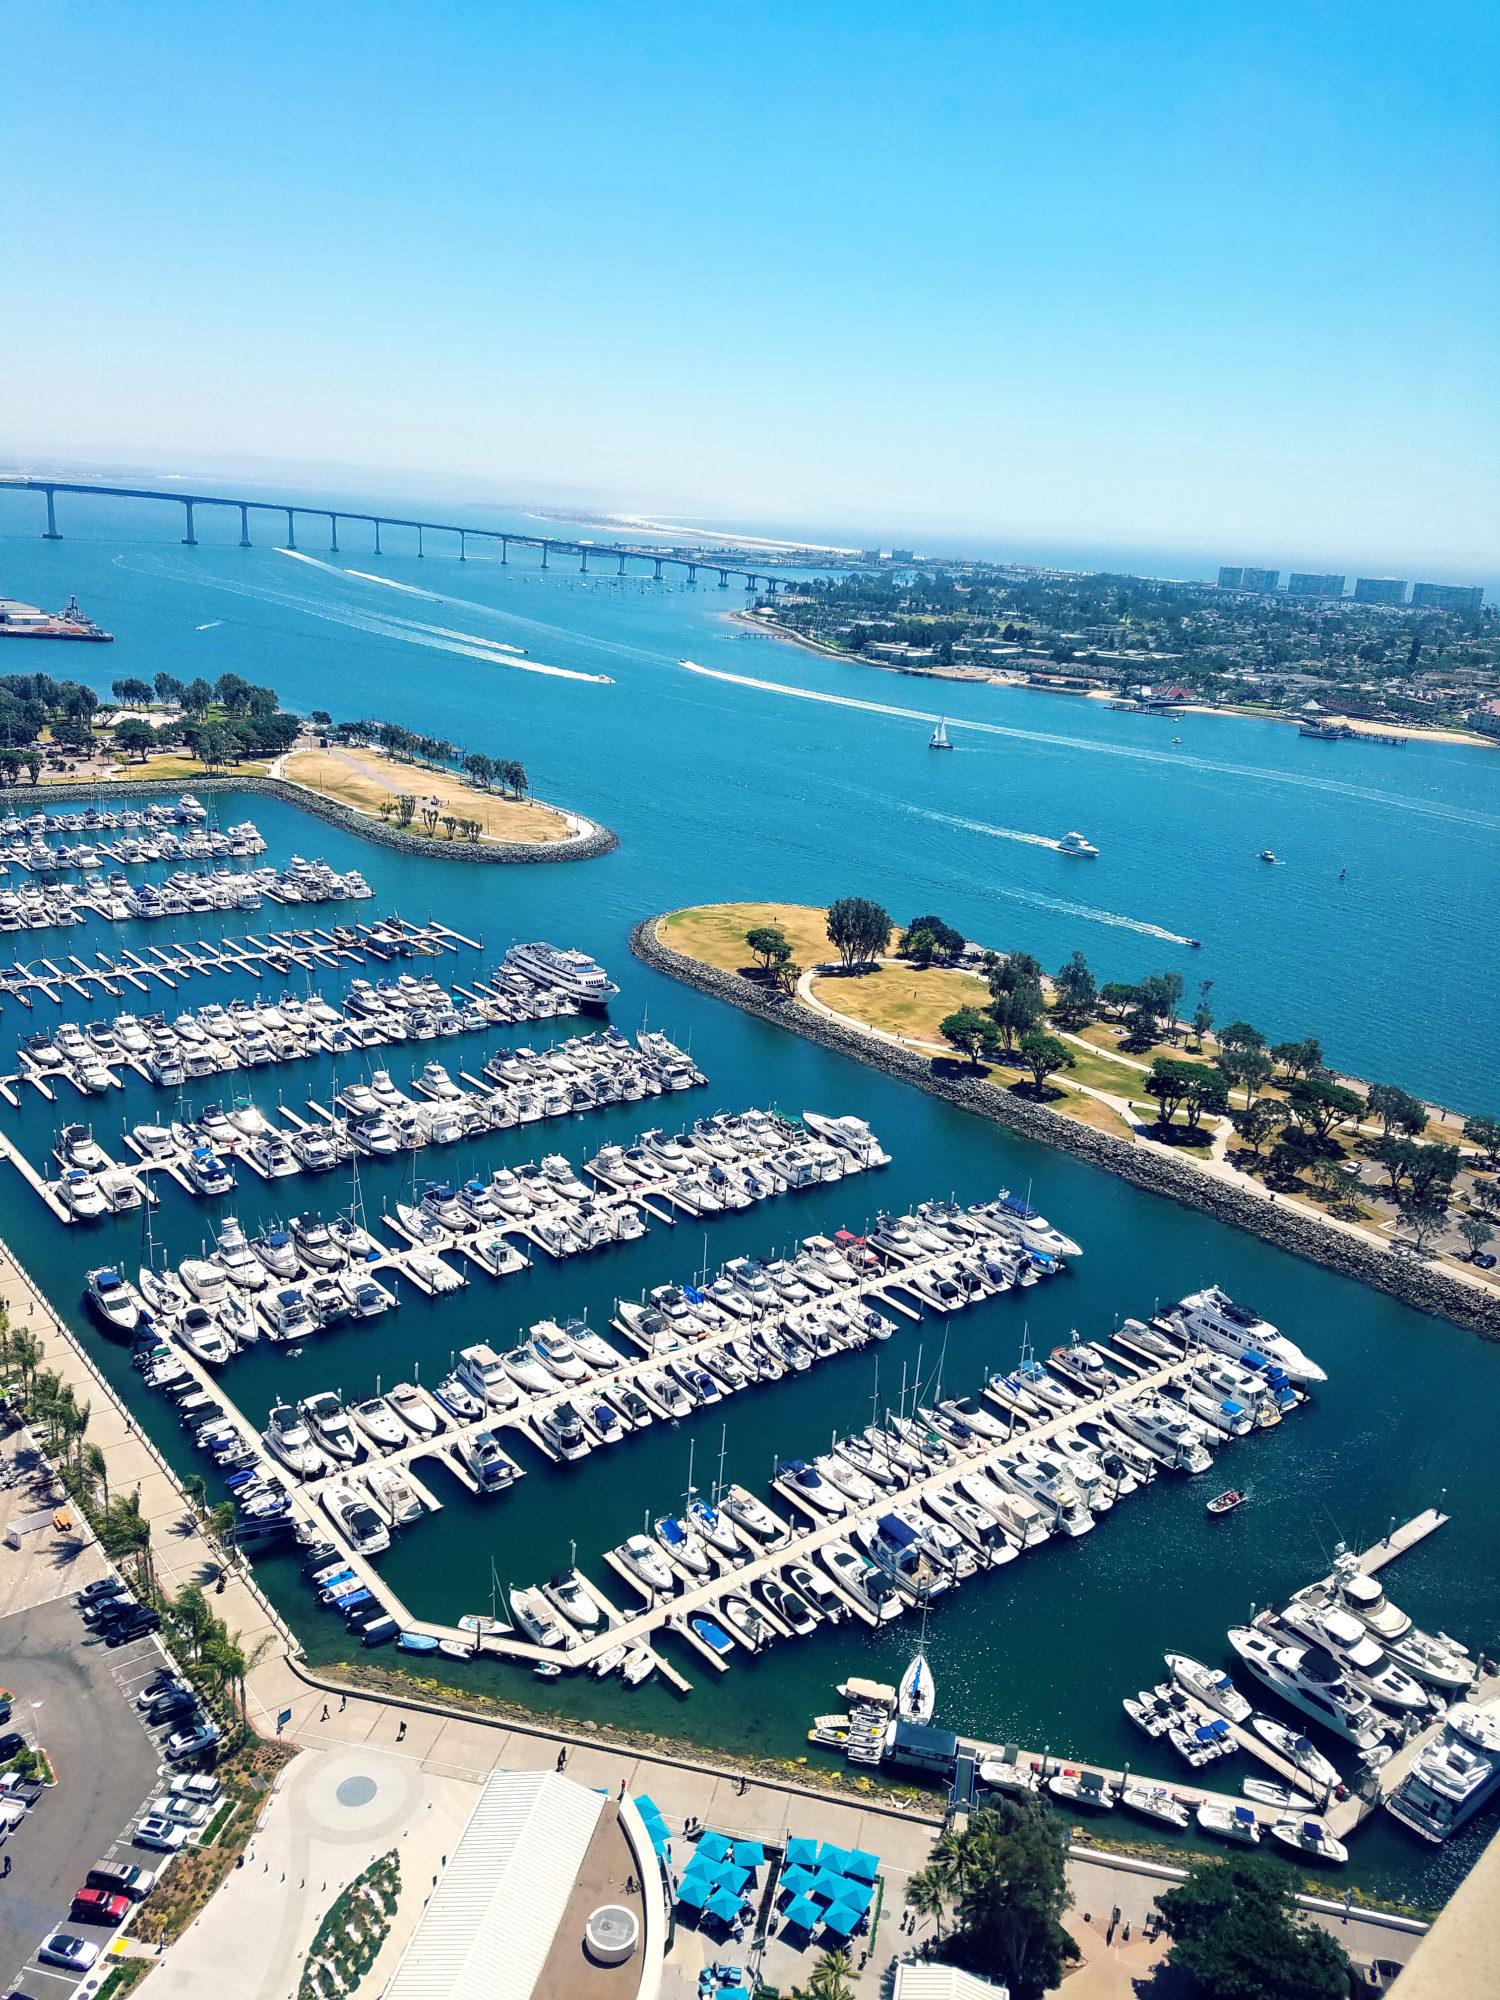 Embarcadero, San Diego